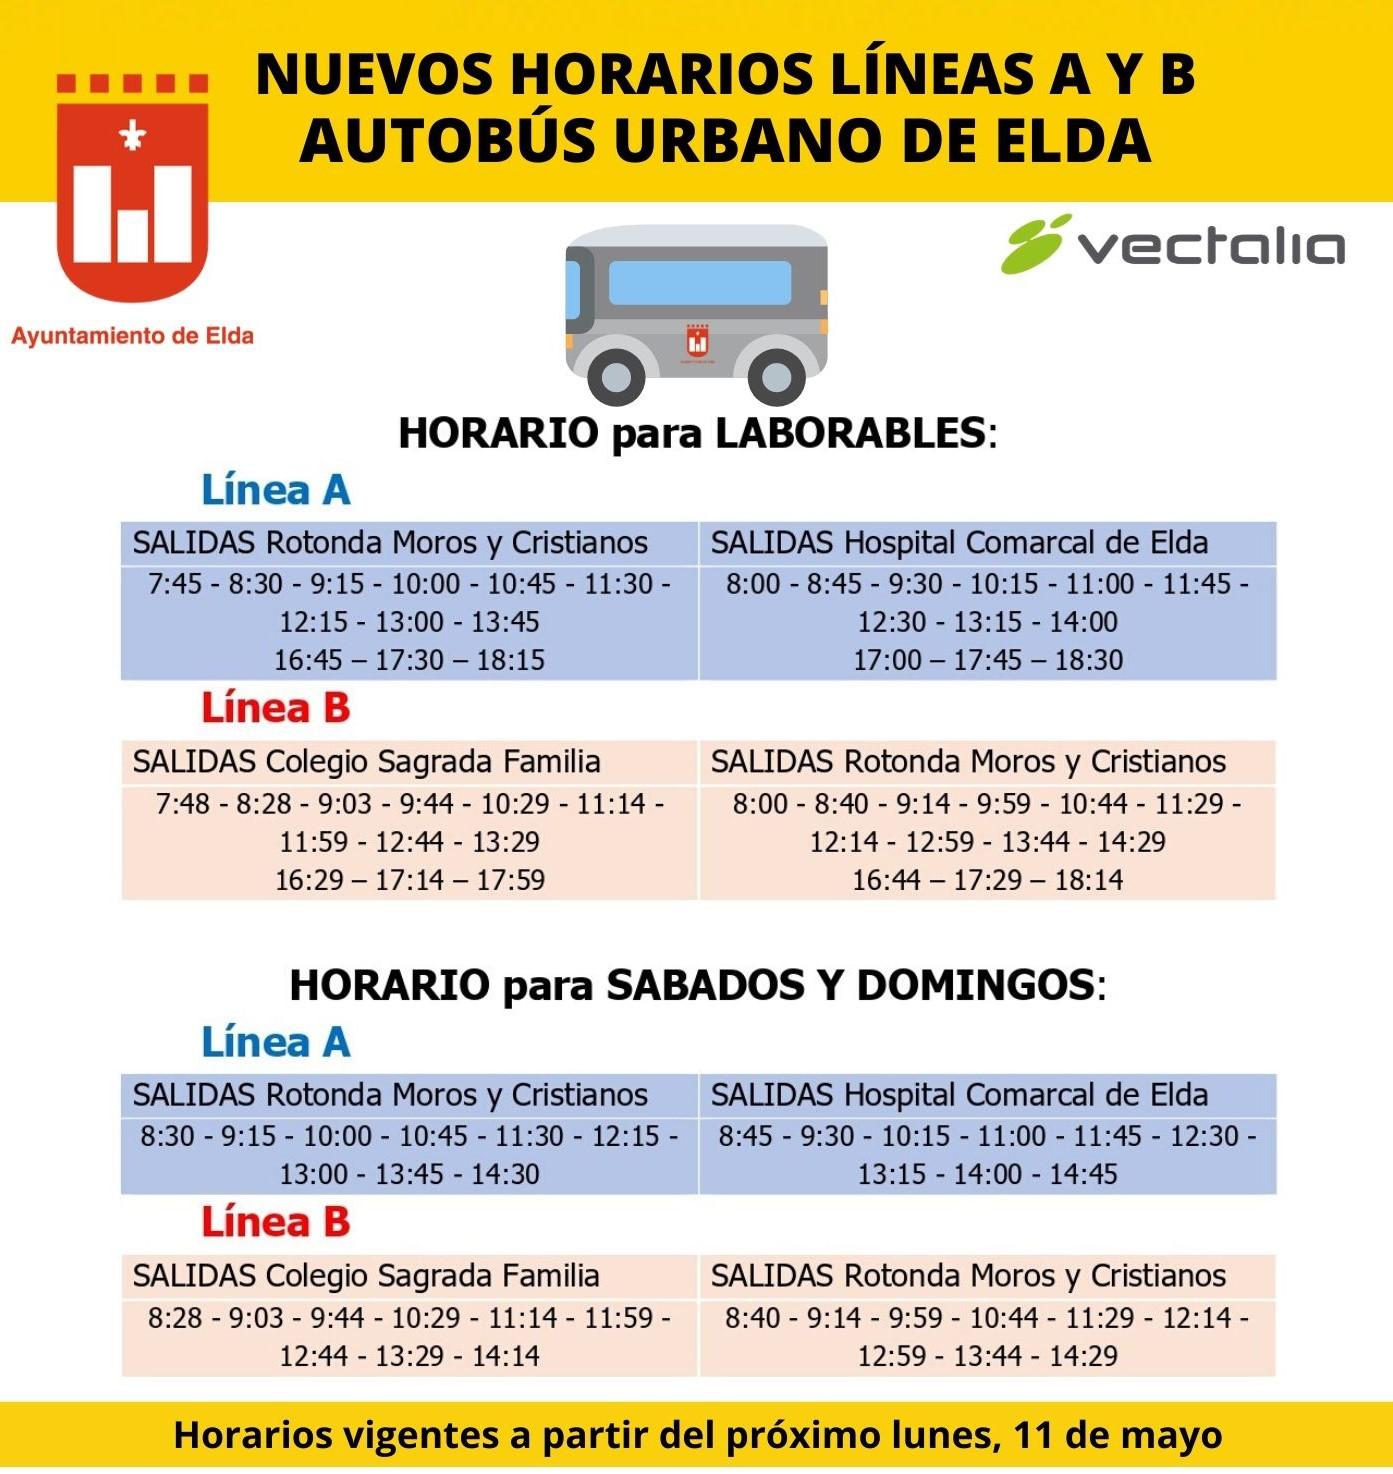 El Ayuntamiento de Elda y Vectalia amplía a partir del próximo lunes los horarios de las líneas A y B de transporte urbano